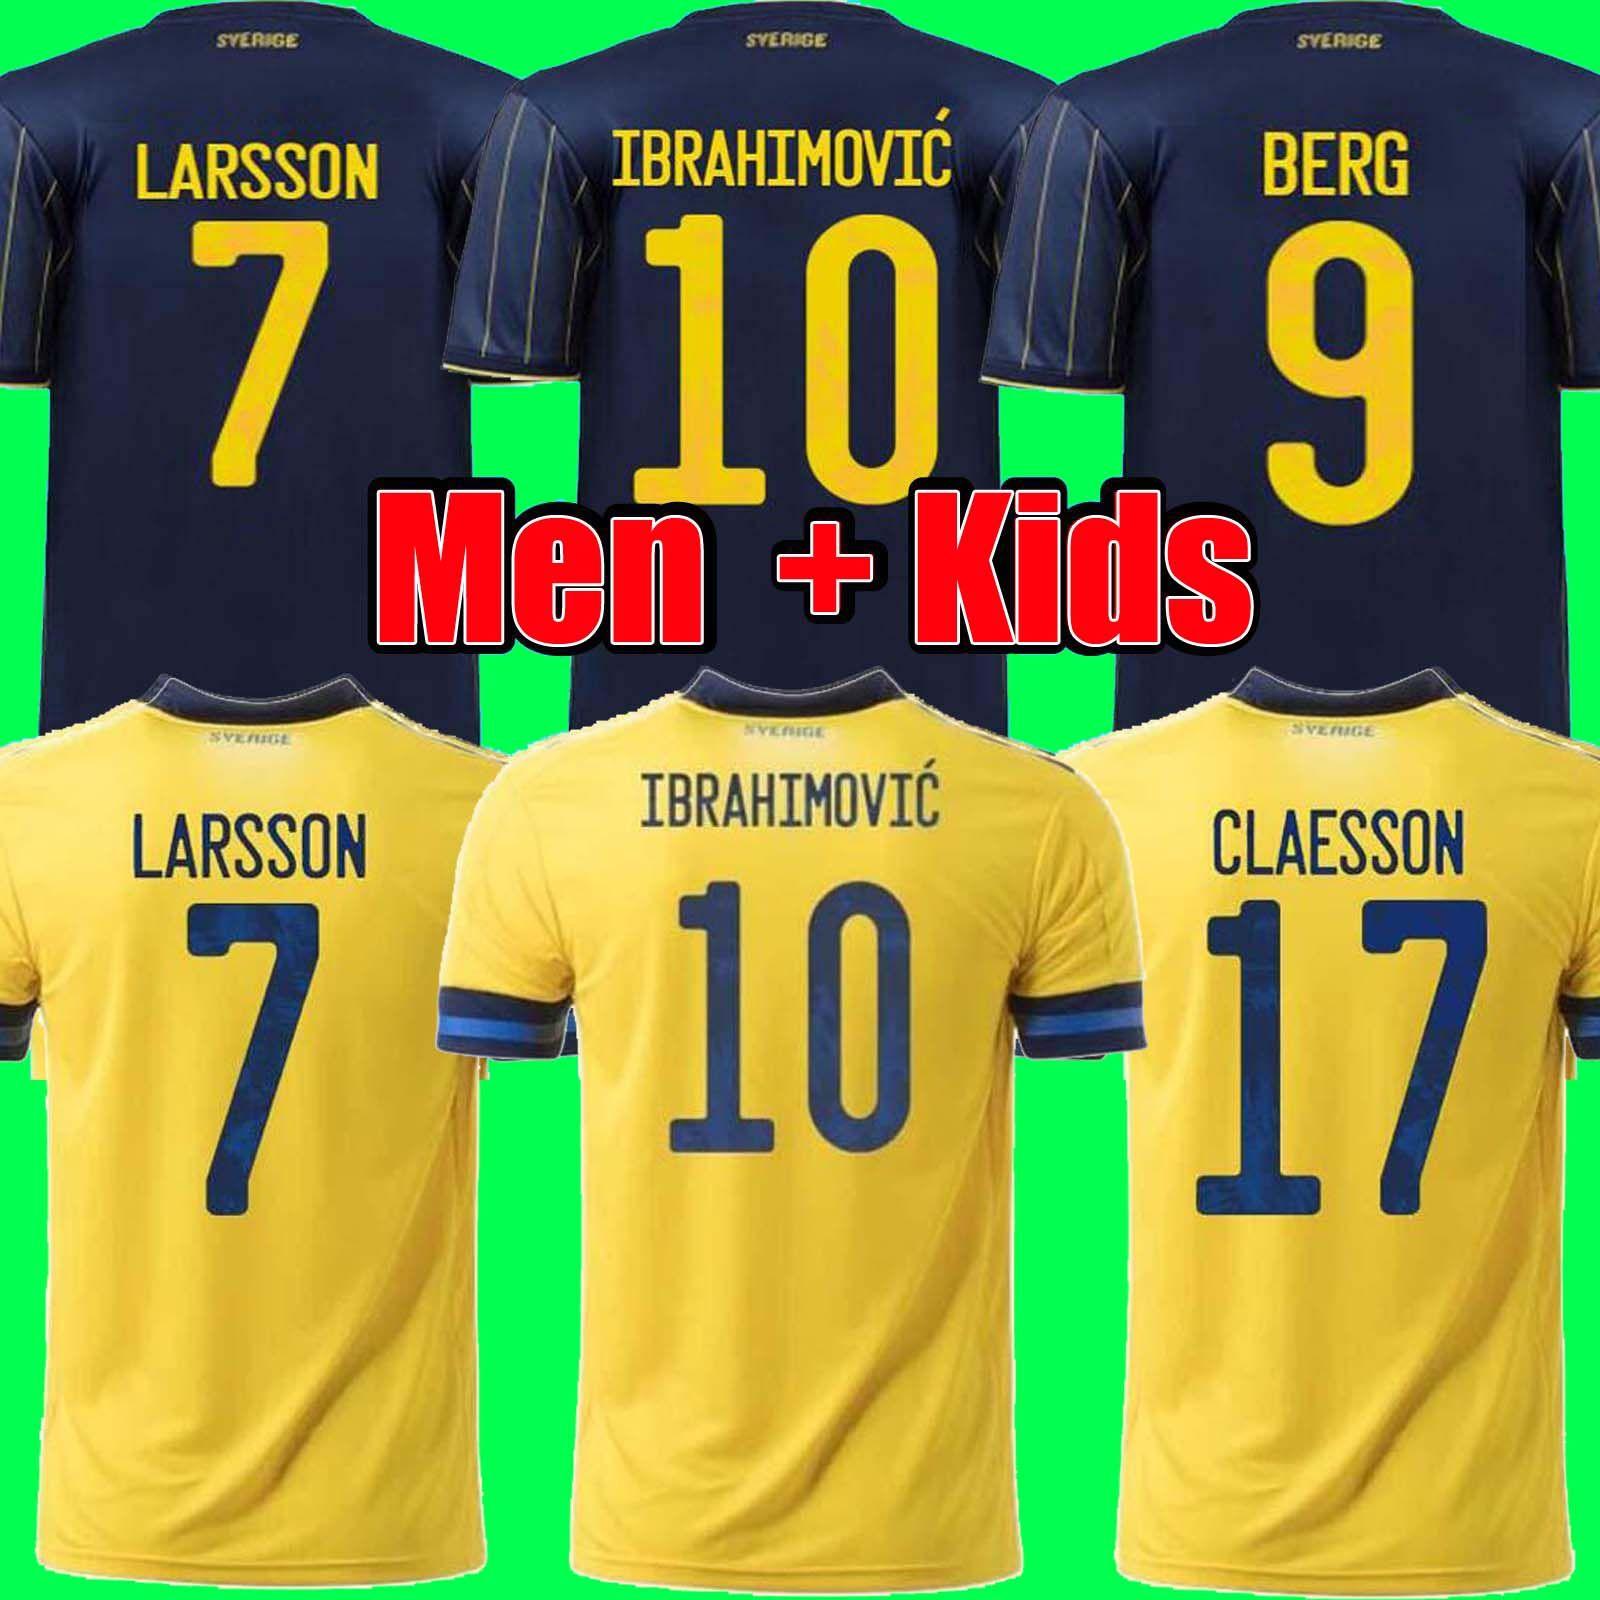 Uomini bambini 2021 Svezia soccer Jersey 21 22 Home away Ibrahimovic KULUSEVSKI BERG FORSBERG LARSSON TANKOVIC ISAK CLAESSON maglia da calcio